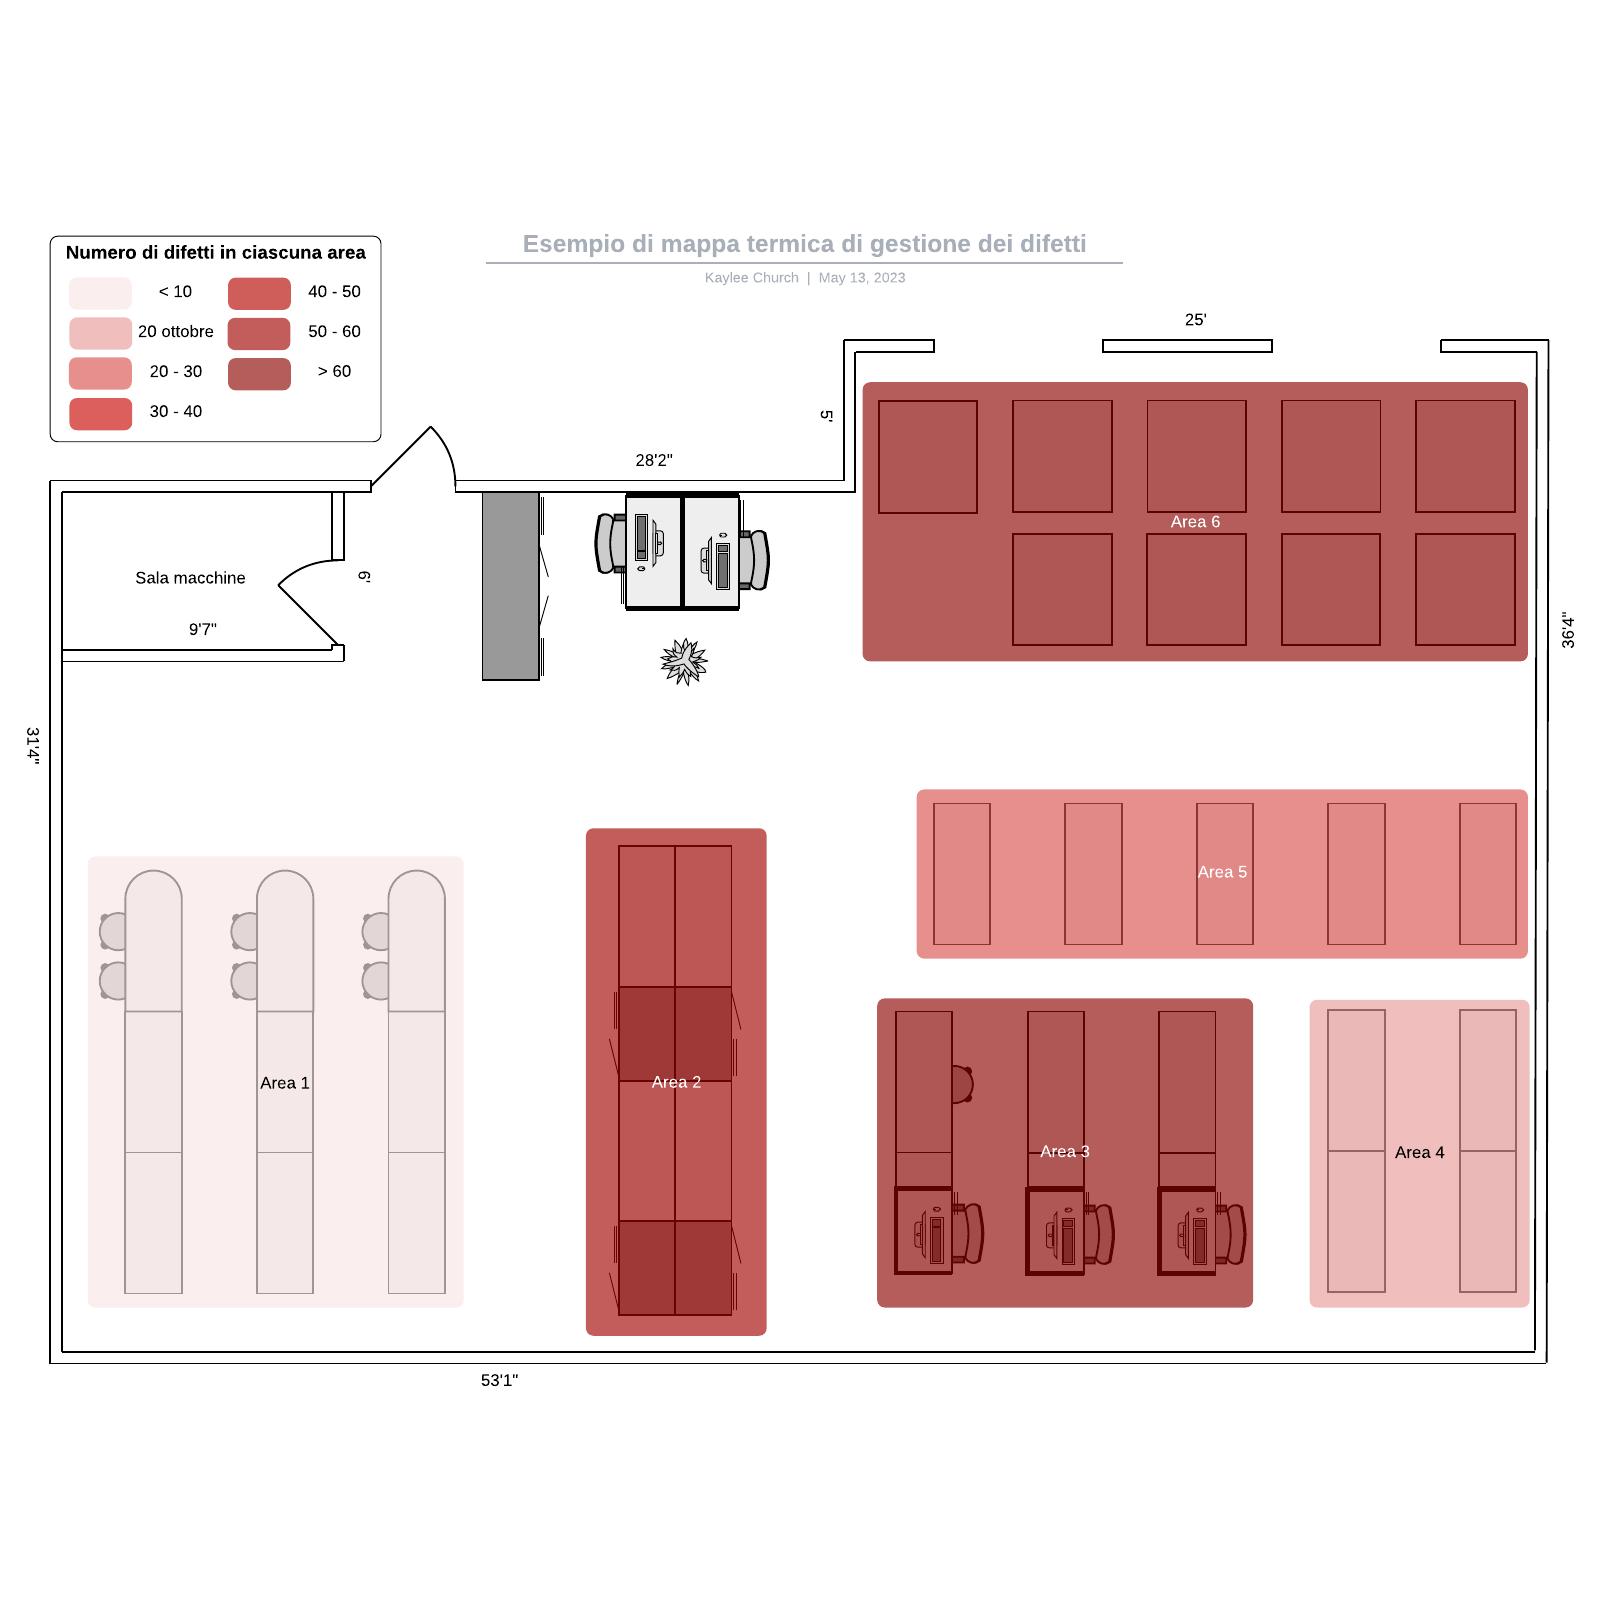 Esempio di mappa termica di gestione dei difetti